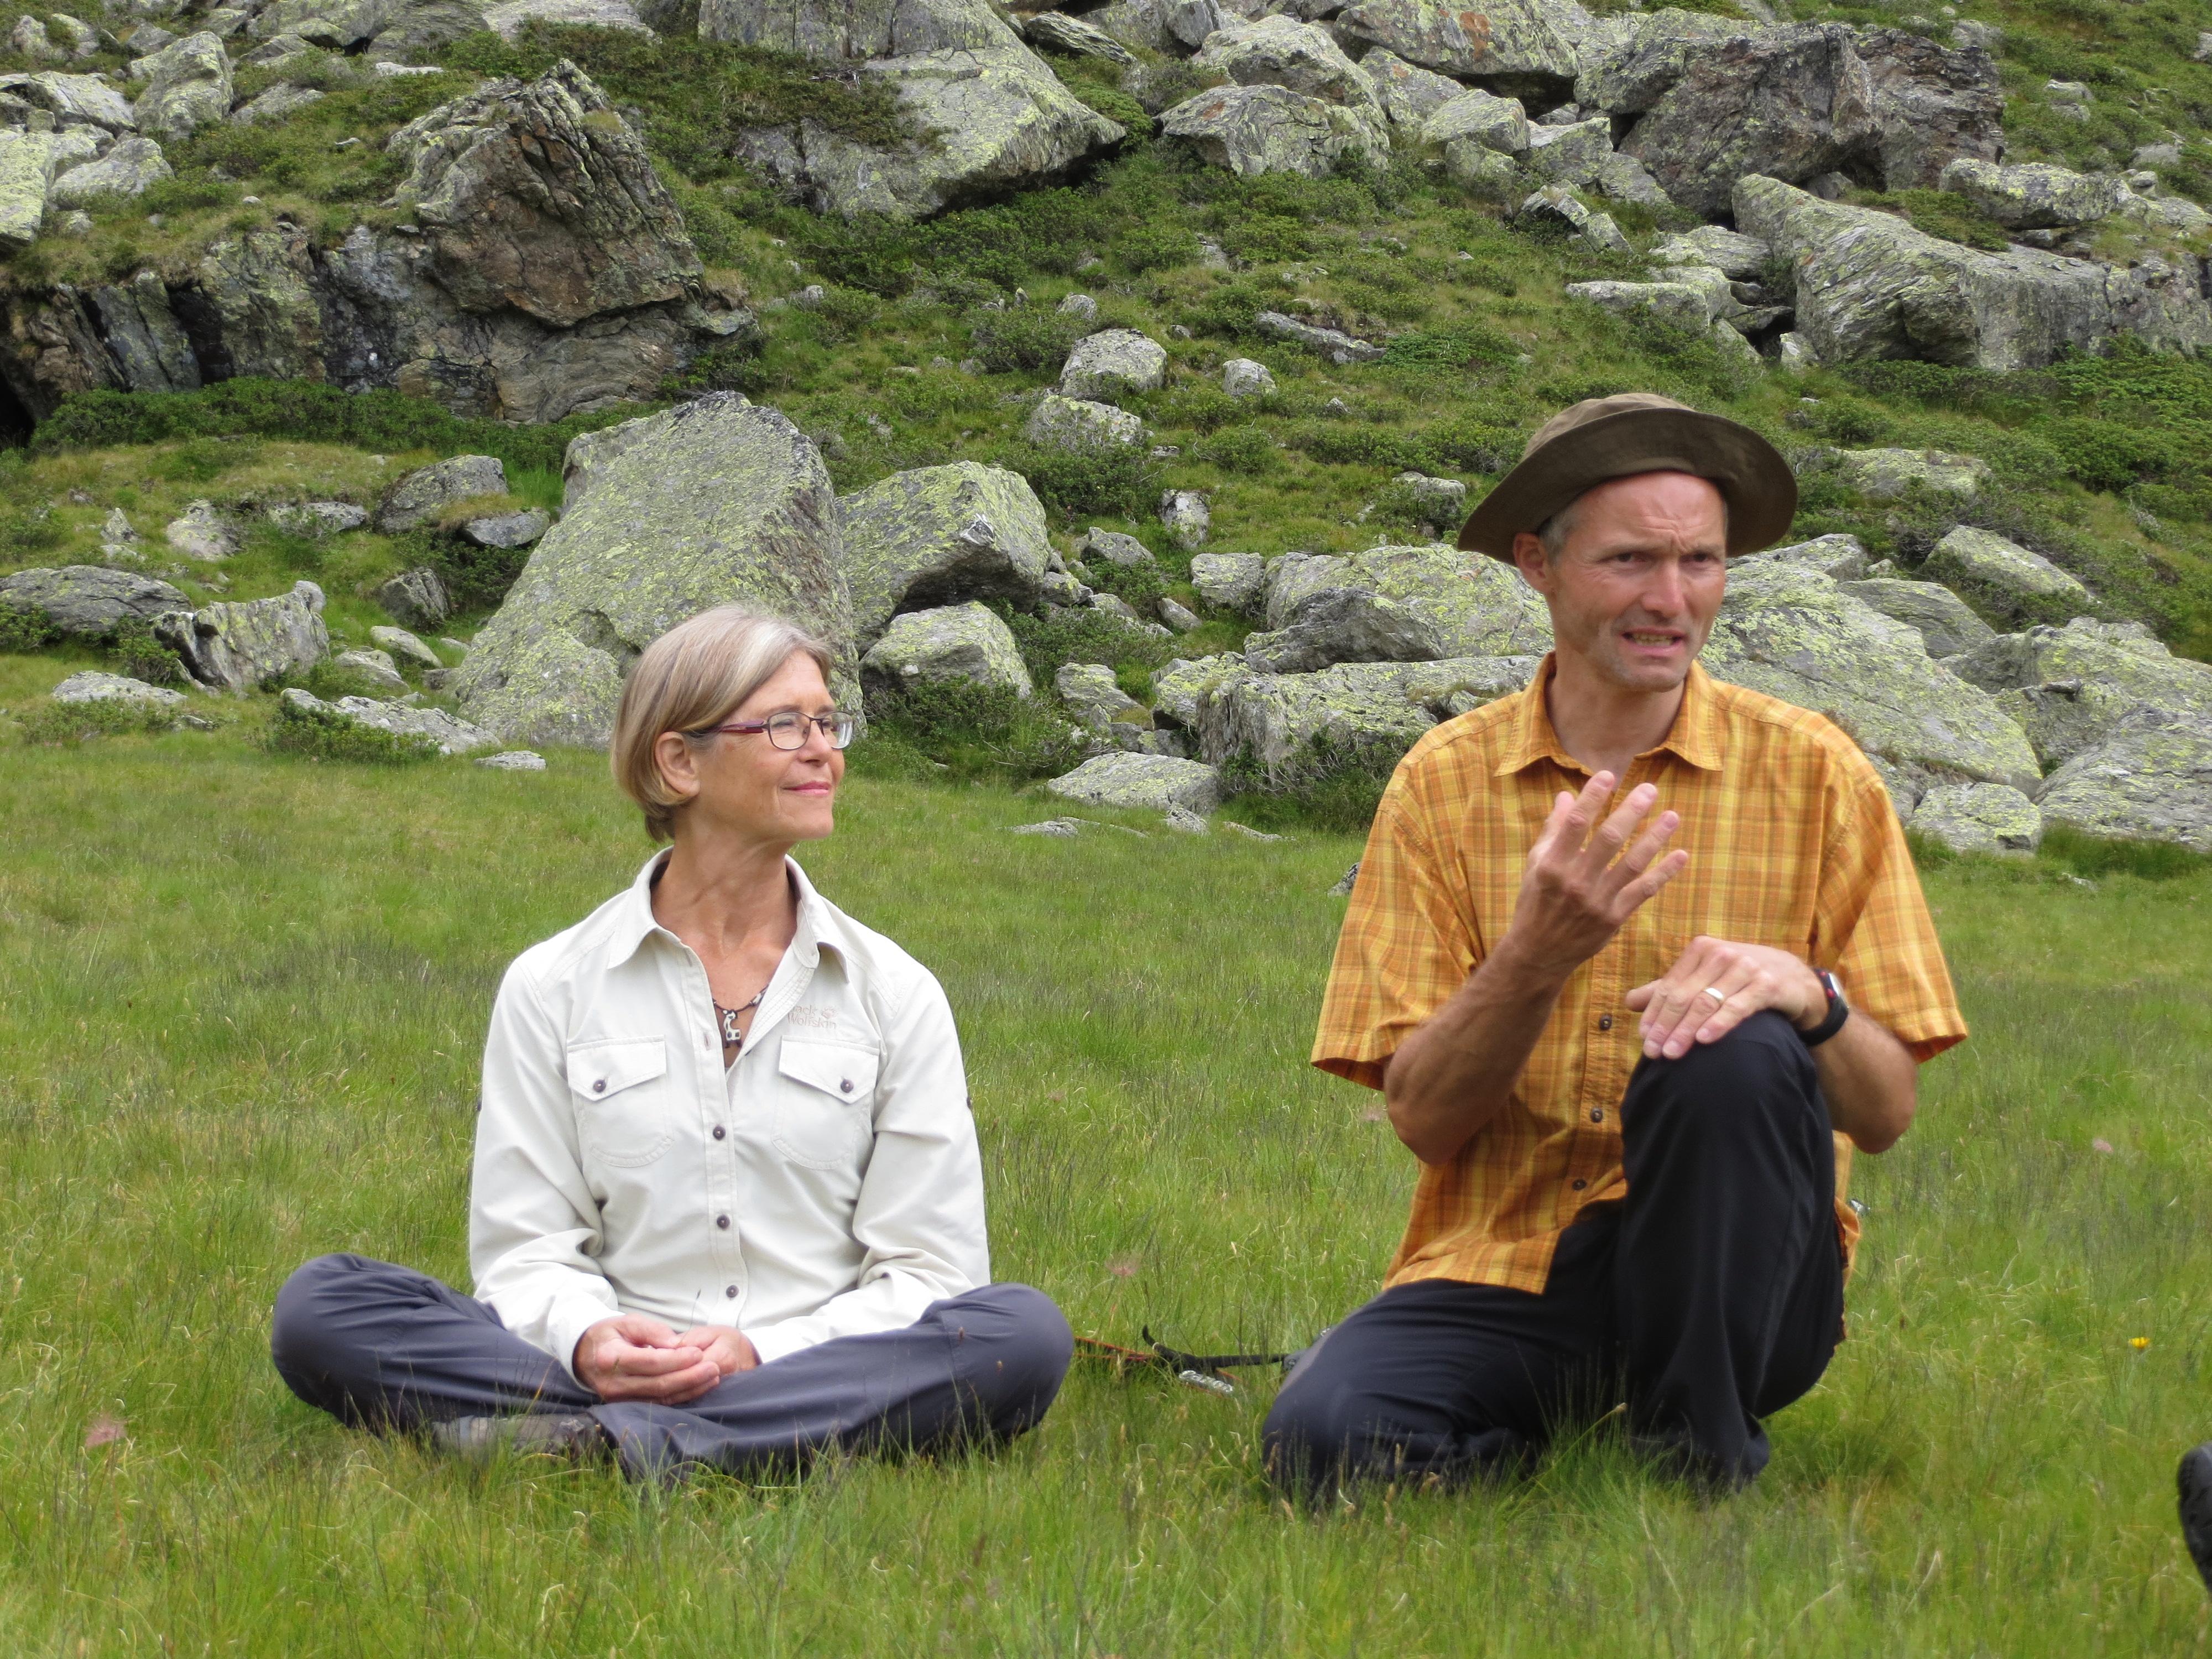 Naturretreat - Gewaltfreie Kommunikation und Achtsamkeit im Einklang mit der Natur im Nationalpark Hohe Tauern mit Esther Gerdts und Julia Stöggl @ Lienzer Hütte, Osttirol | Tirol | Österreich